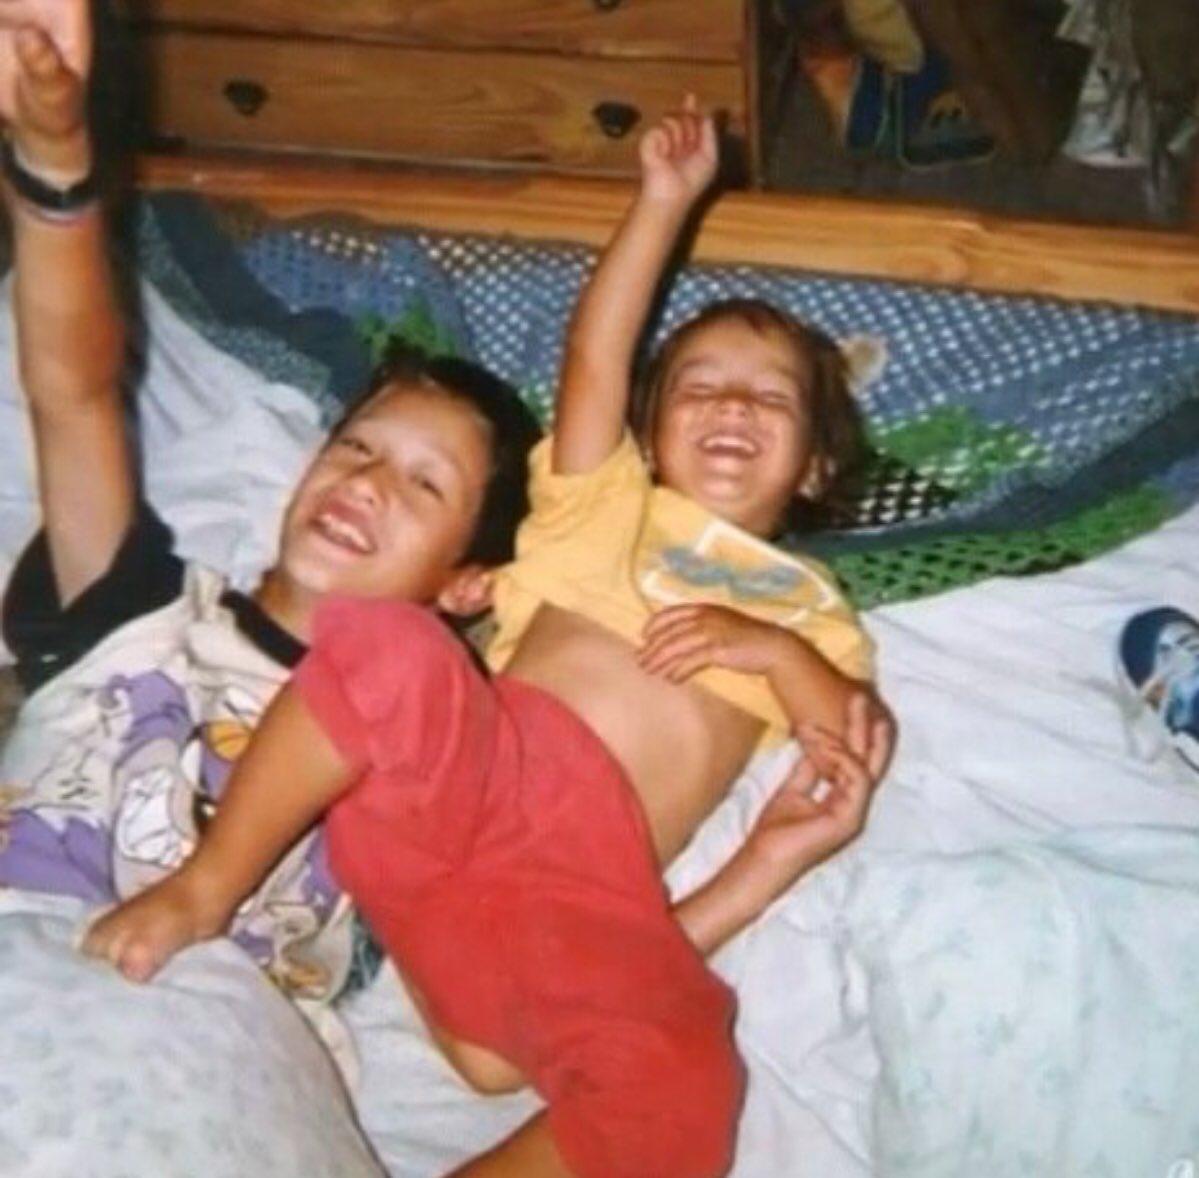 Así era como nos divertíamos de hermano a hermano, sin duda desde chic...